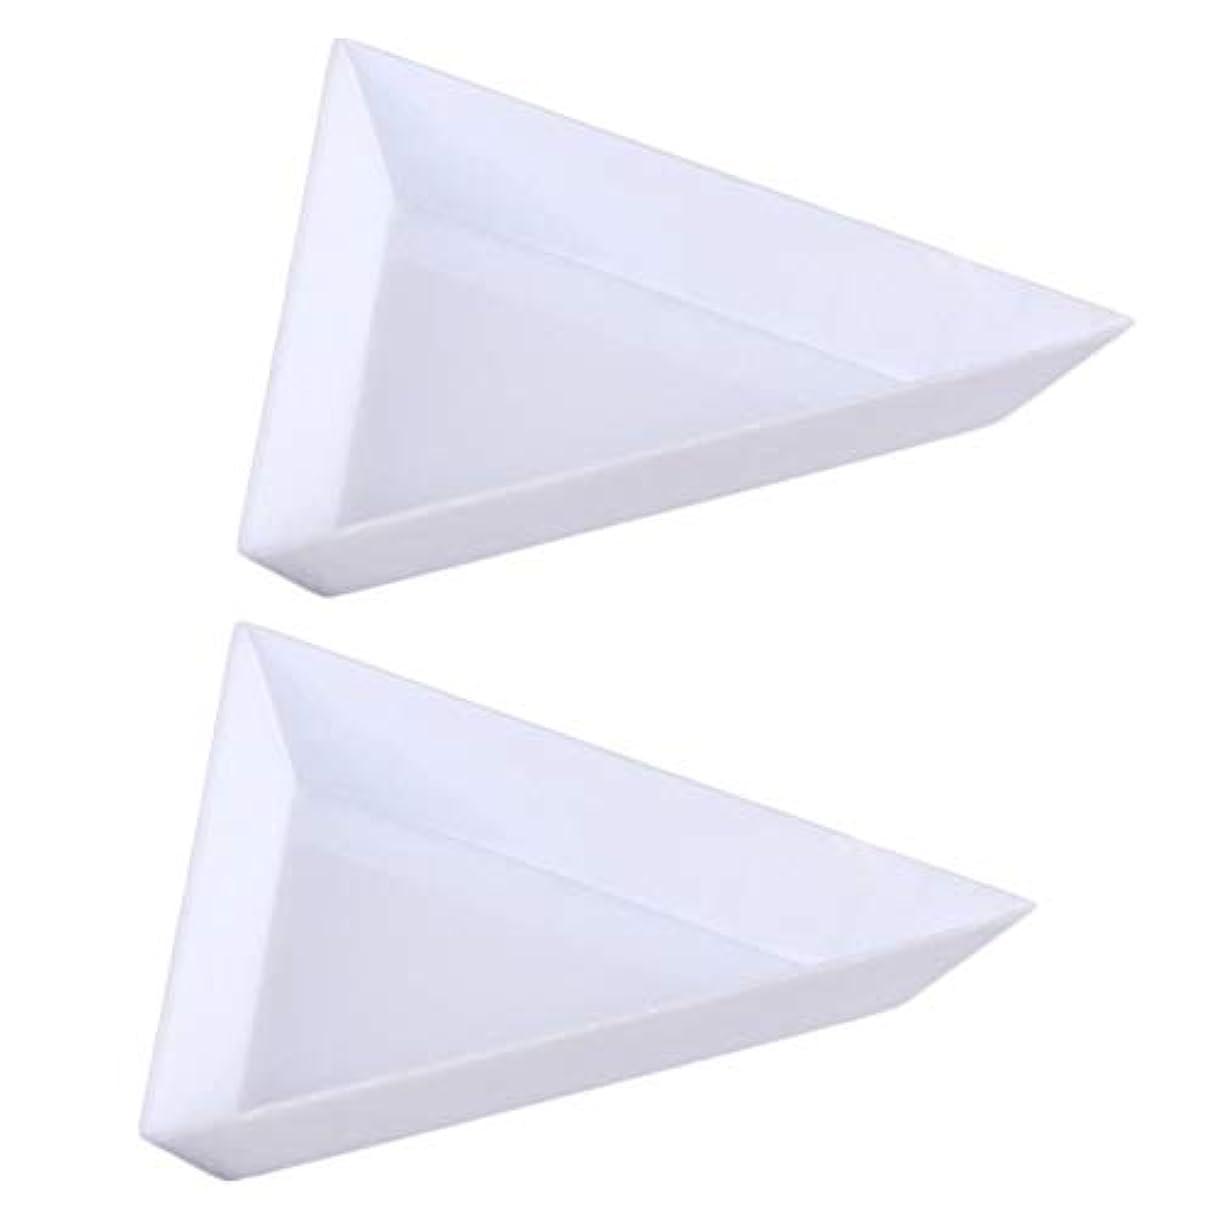 ブラケット半ばでるACAMPTAR 10個三角コーナープラスチックラインストーンビーズ 結晶 ネイルアートソーティングトレイアクセサリー白 DiyネイルアートデコレーションDotting収納トレイ オーガニゼーションに最適